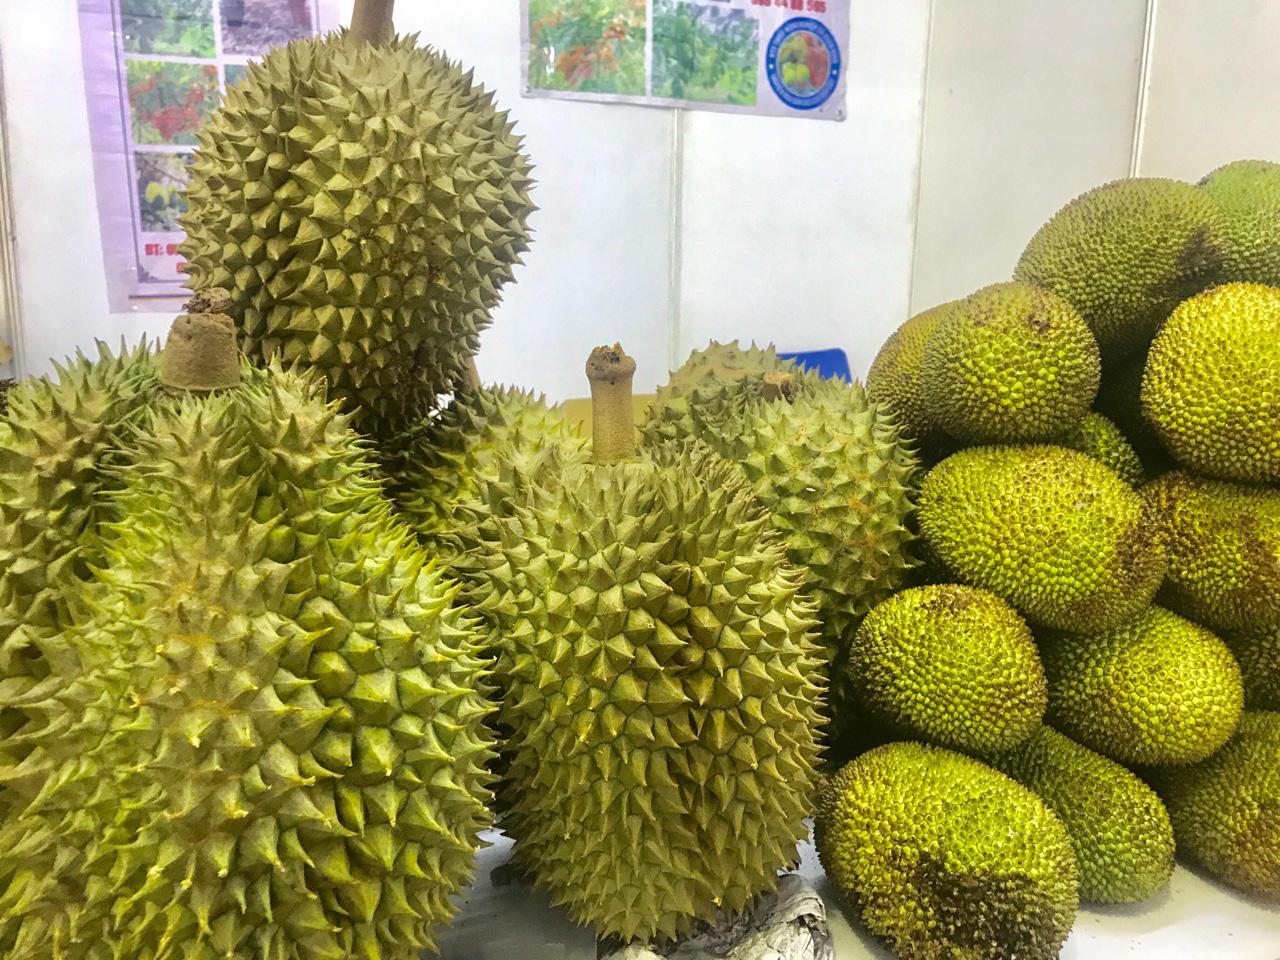 Giá trái cây giảm 5-6 lần, giá rau củ rớt thảm cũng vì dịch COVID-19 - Ảnh 1.